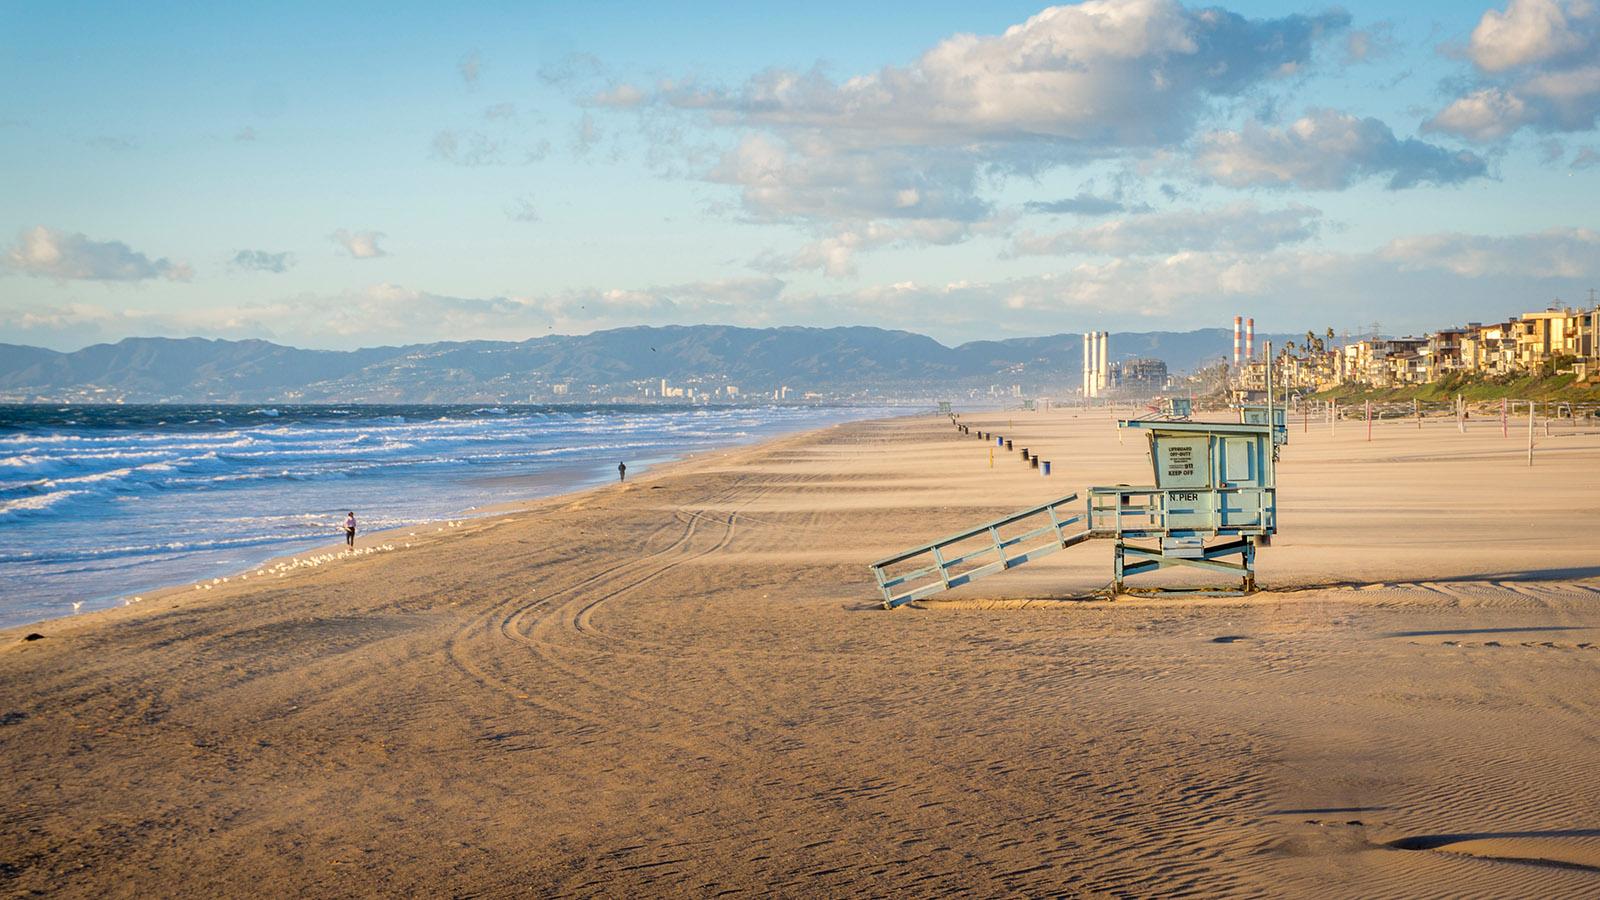 Les 5 plus belles plages dans la région de Los Angeles